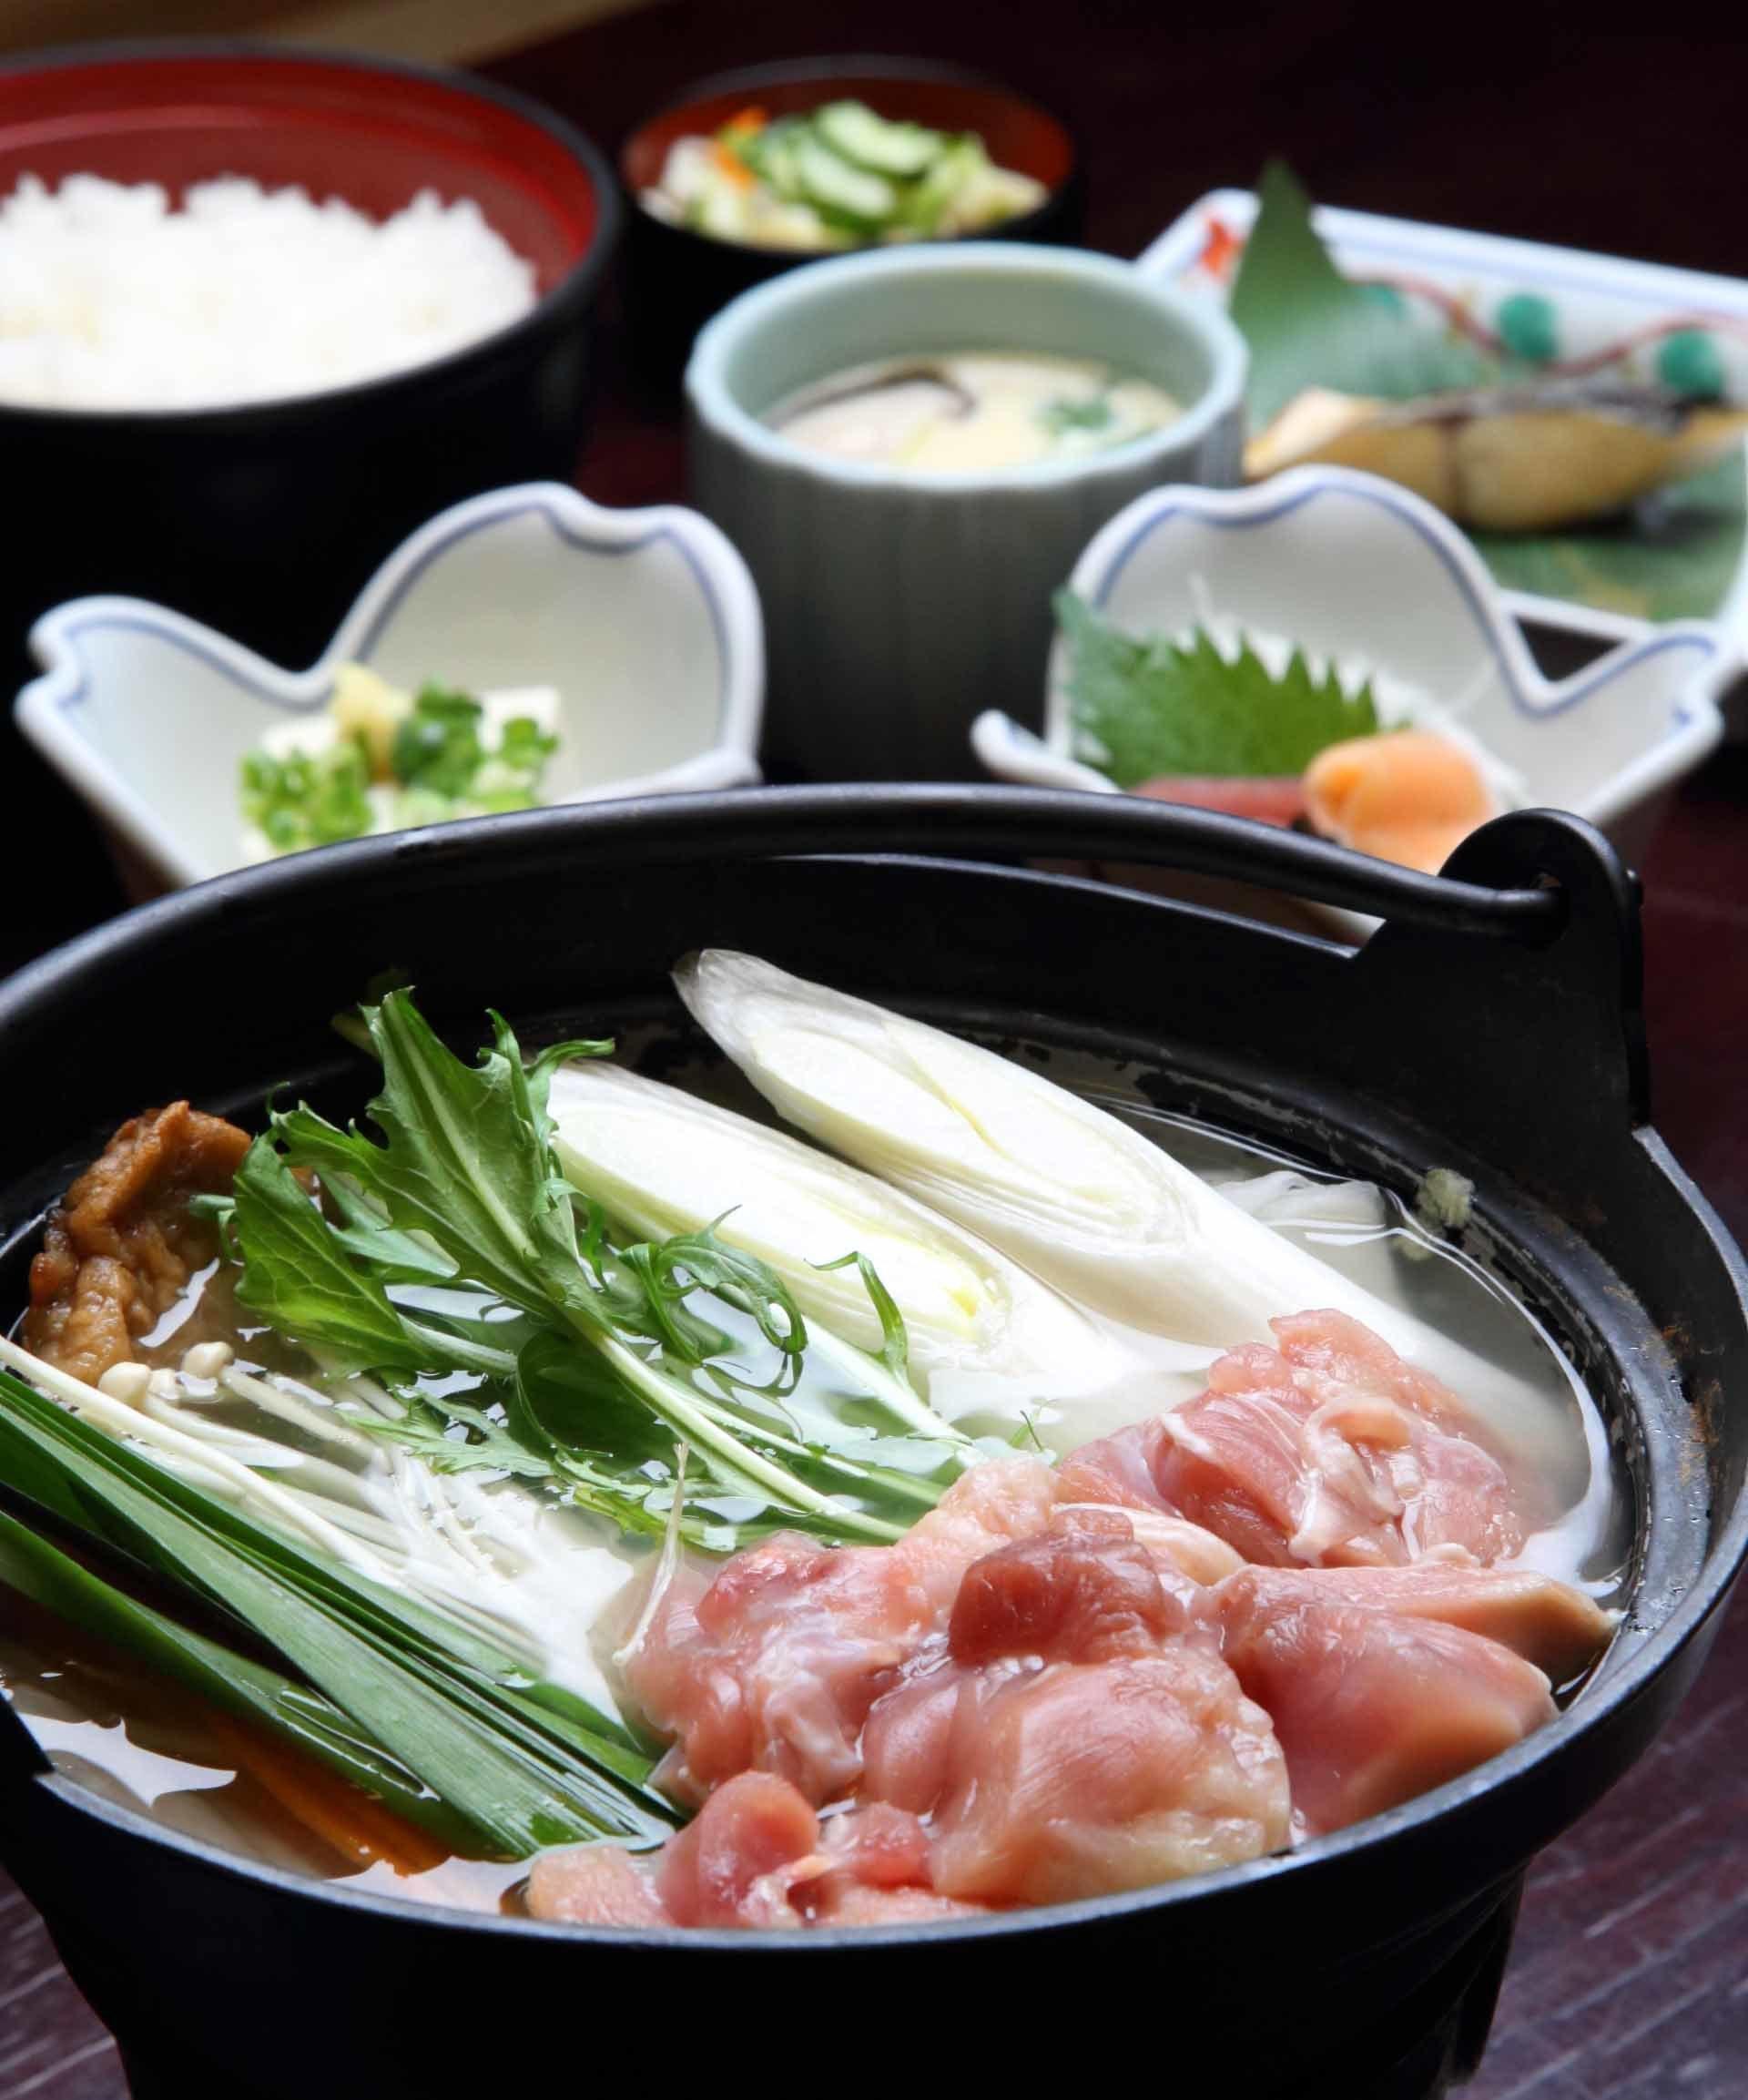 「ちゃんこ江戸沢」ちゃんこ鍋ランチ